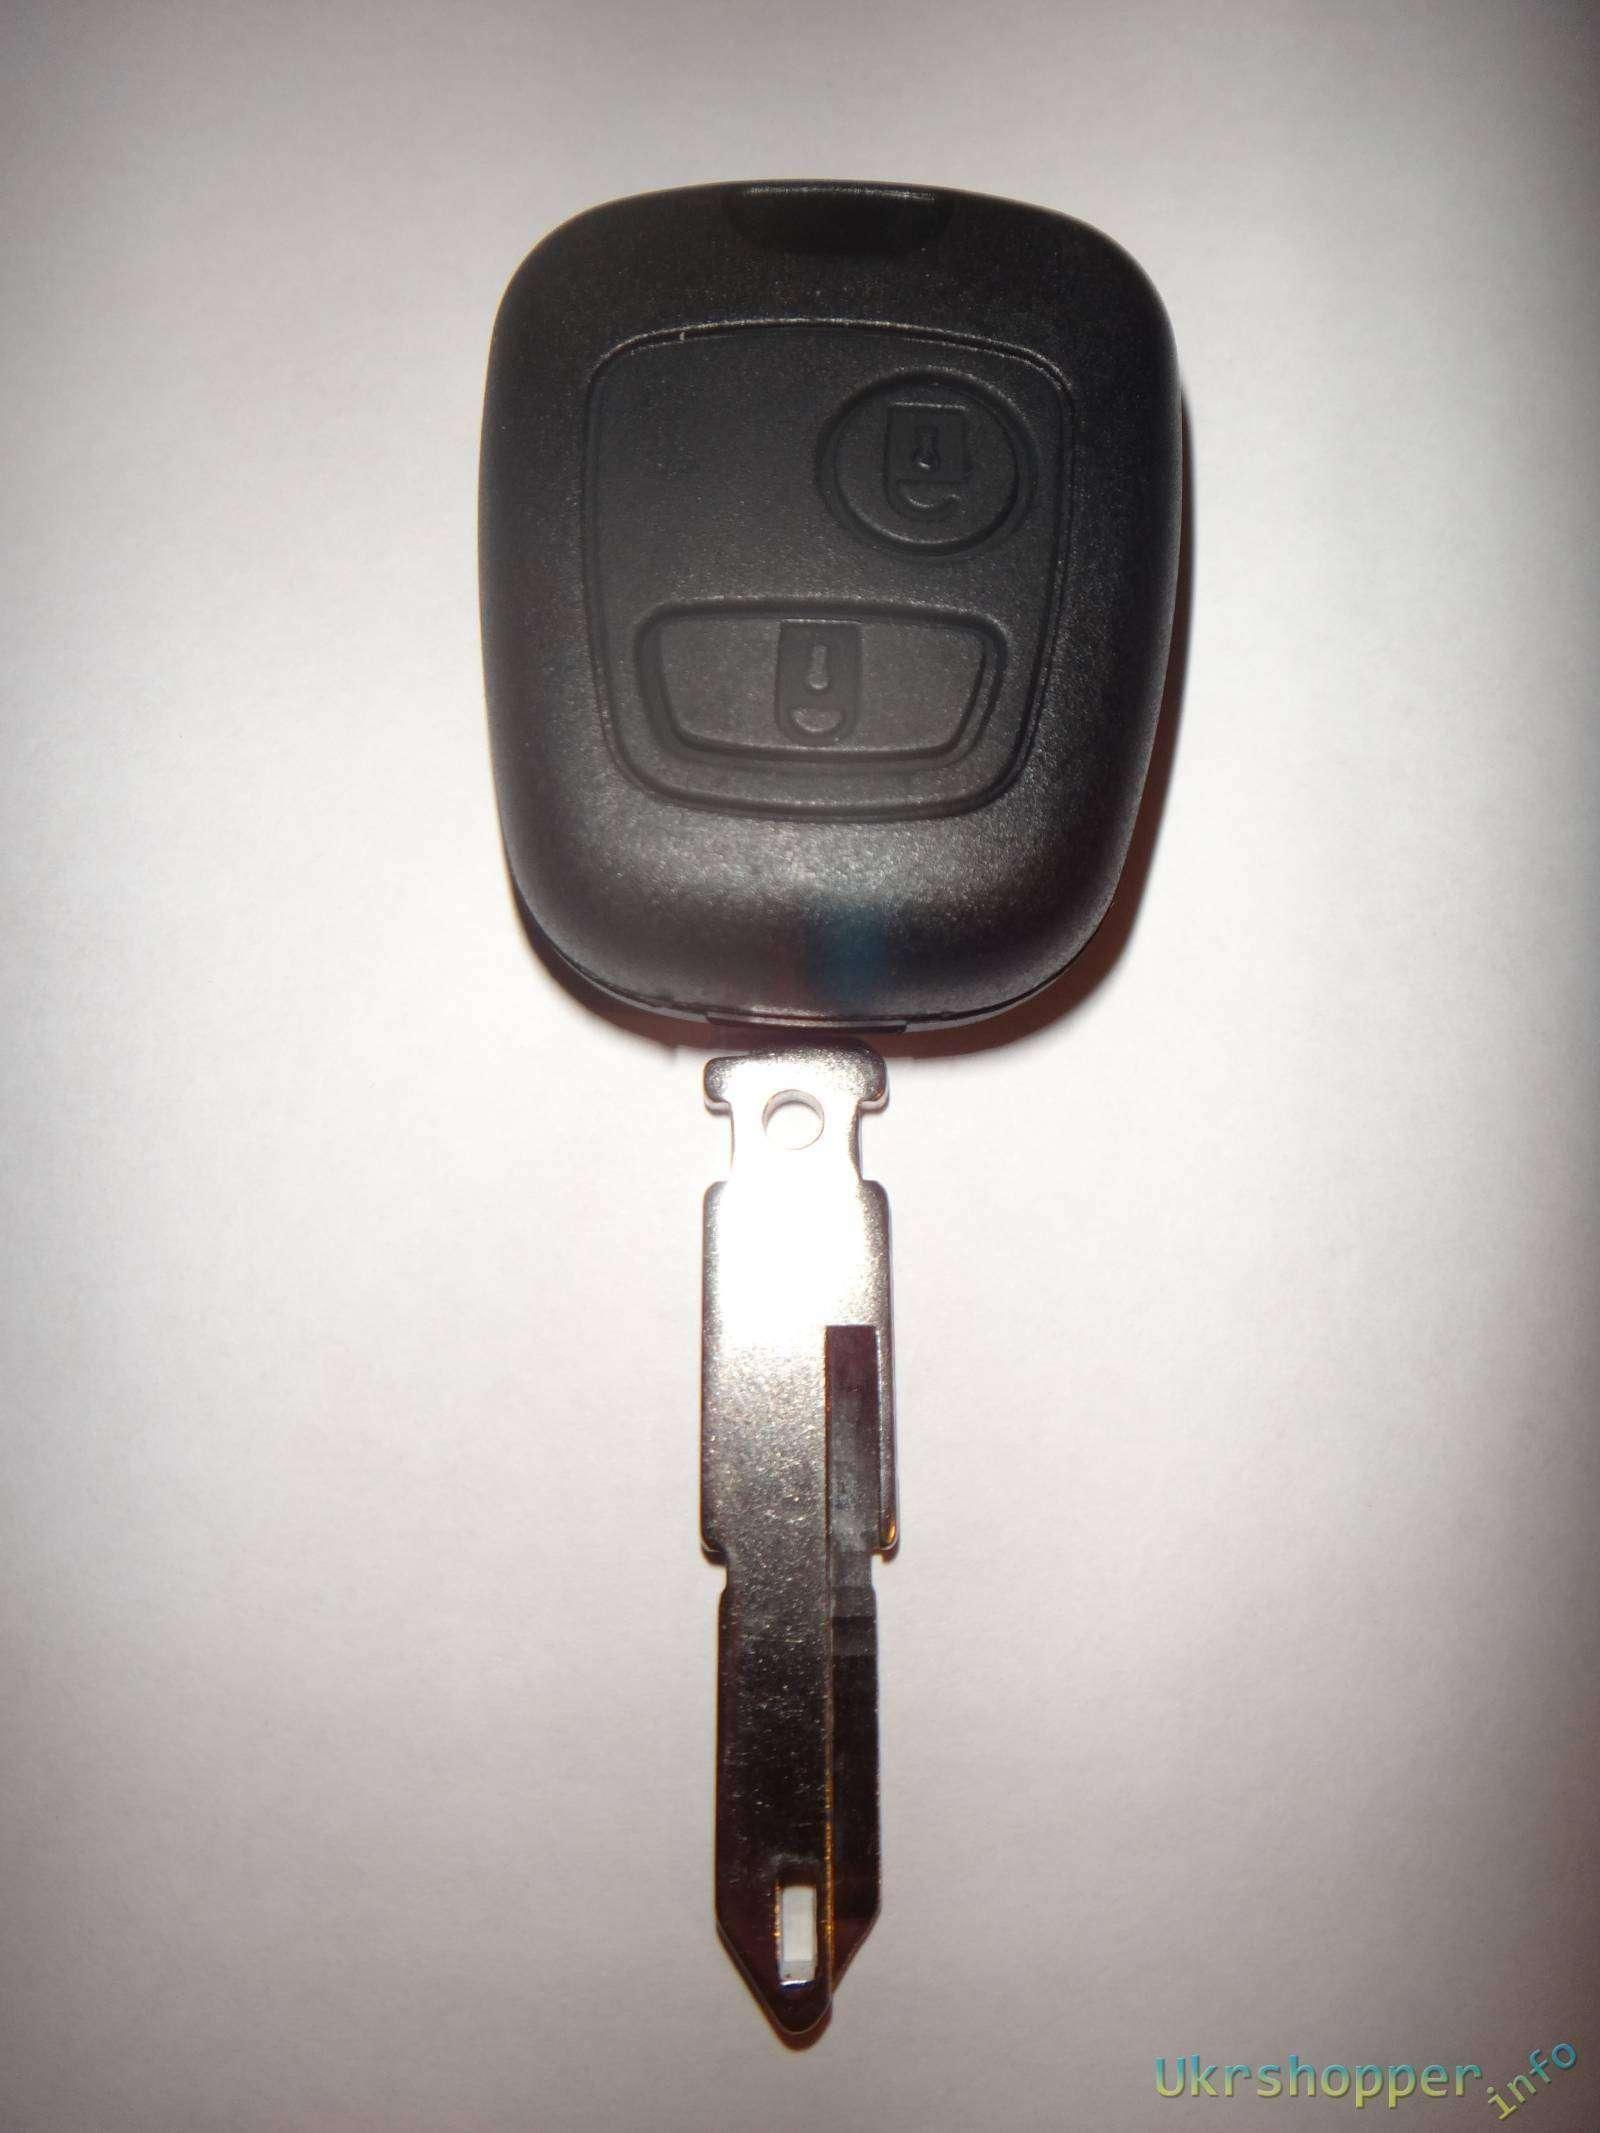 Ebay: Обзор ключа для автомобиля Peugeot